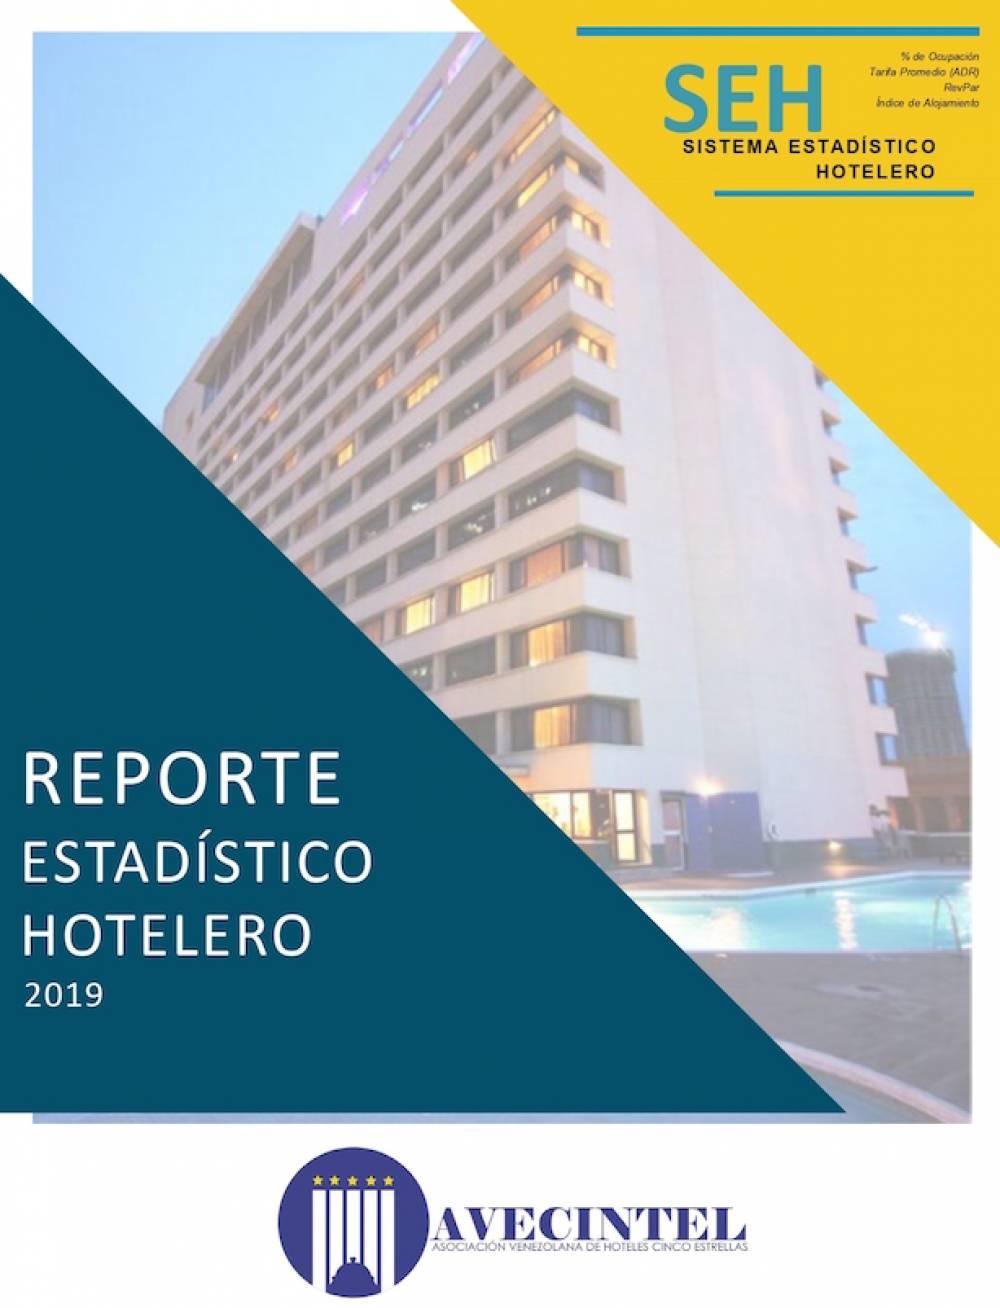 REPORTE ESTADÍSTICO HOTELERO 2019 DE AVECINTEL